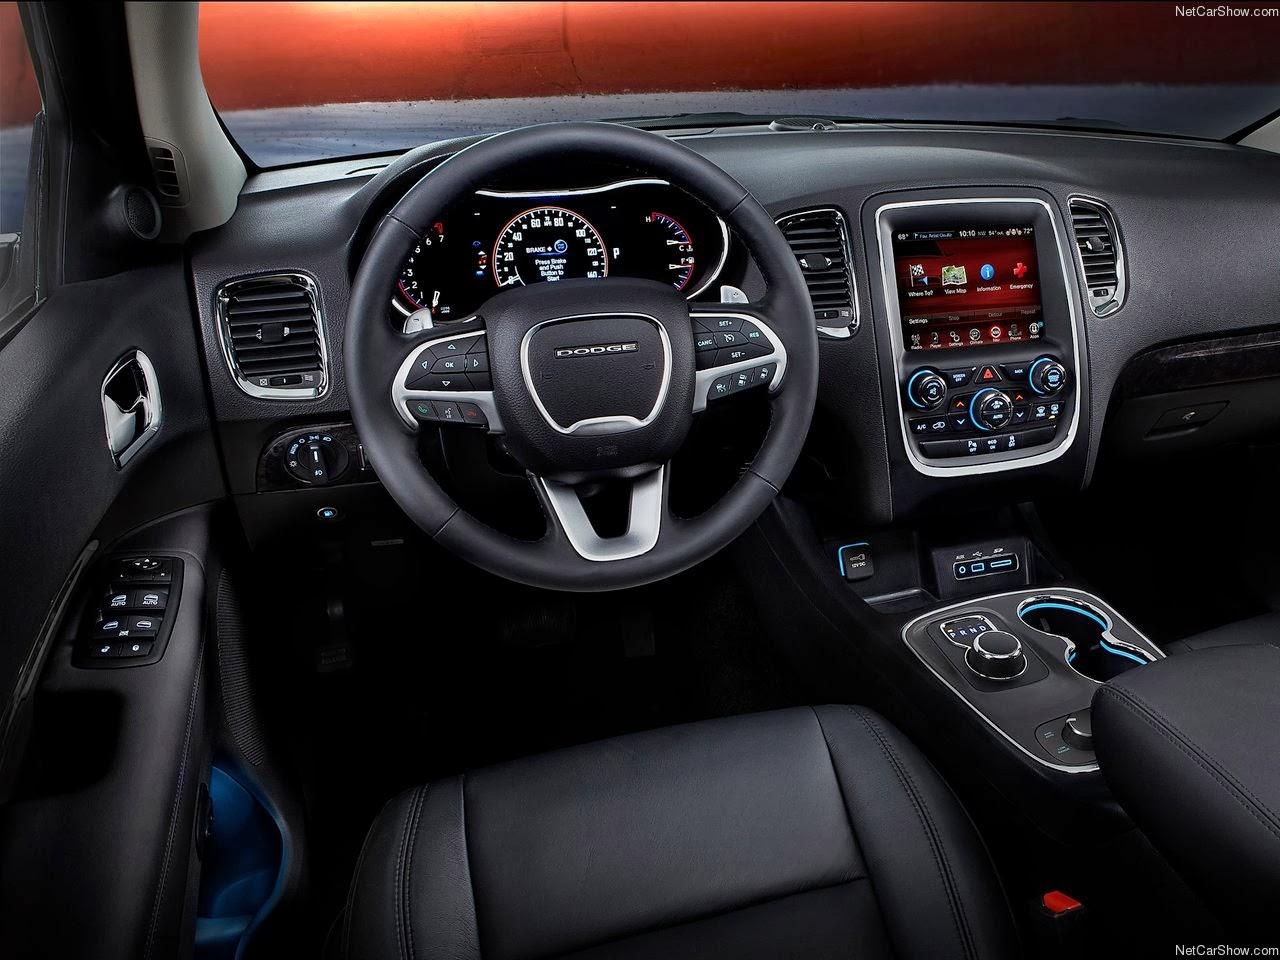 Details About 2002 Dodge Caravan Dash Mounted Temperature Controls